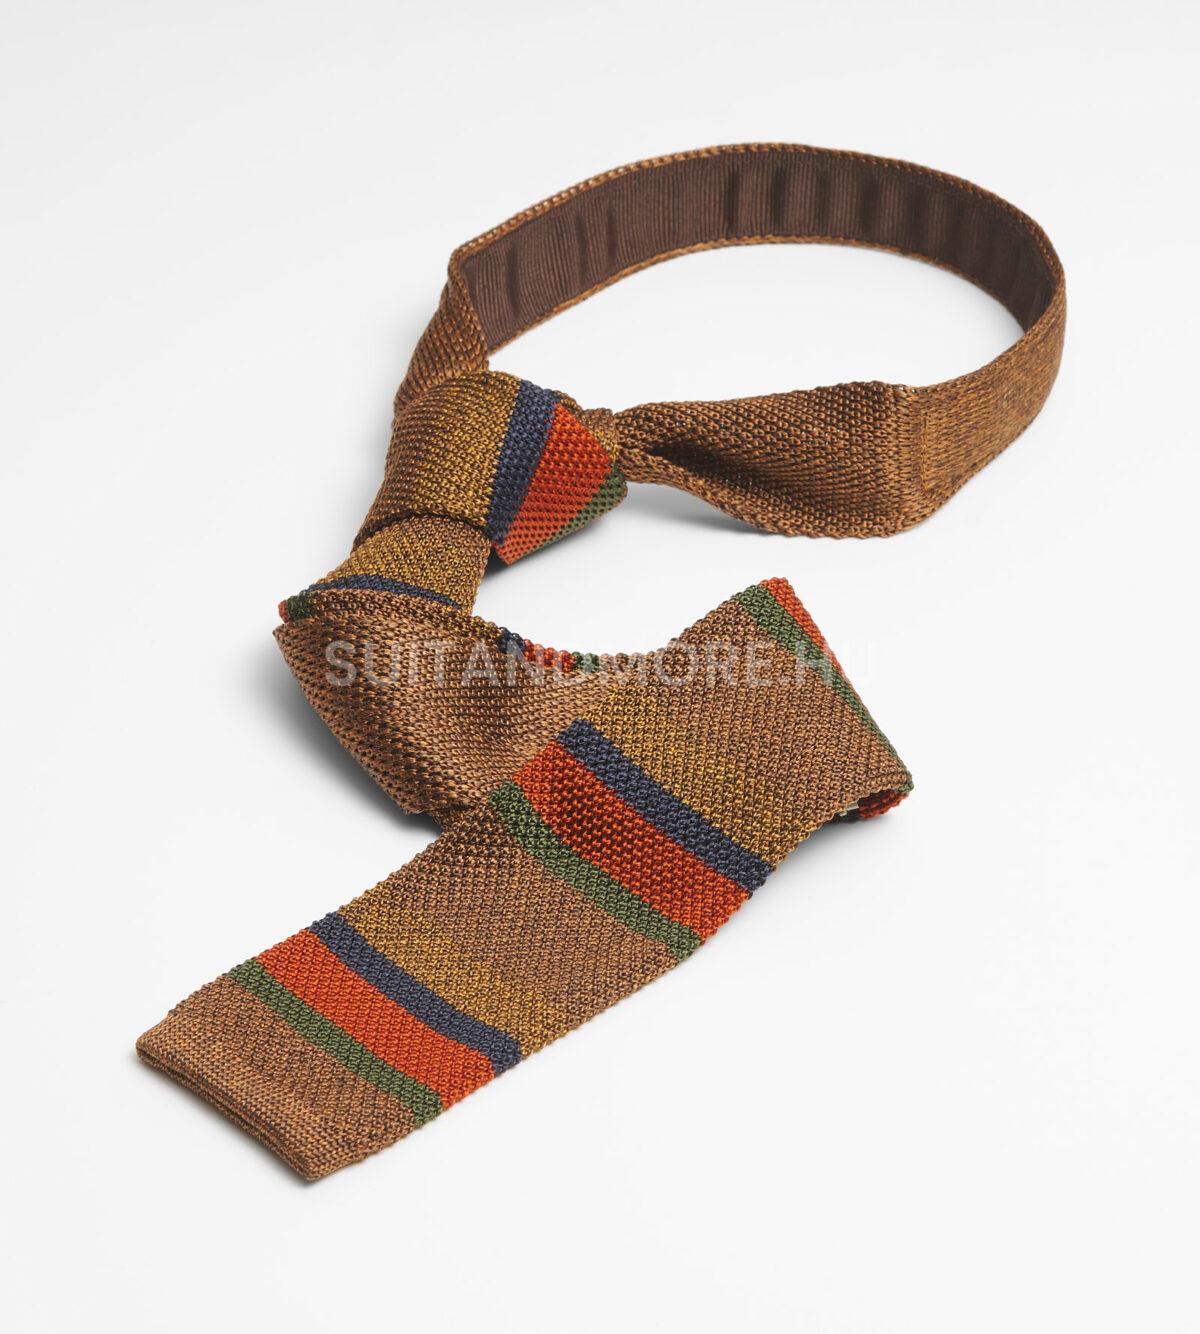 digel-barna-kotott-selyem-nyakkendo-dunhill-1299022-95-03